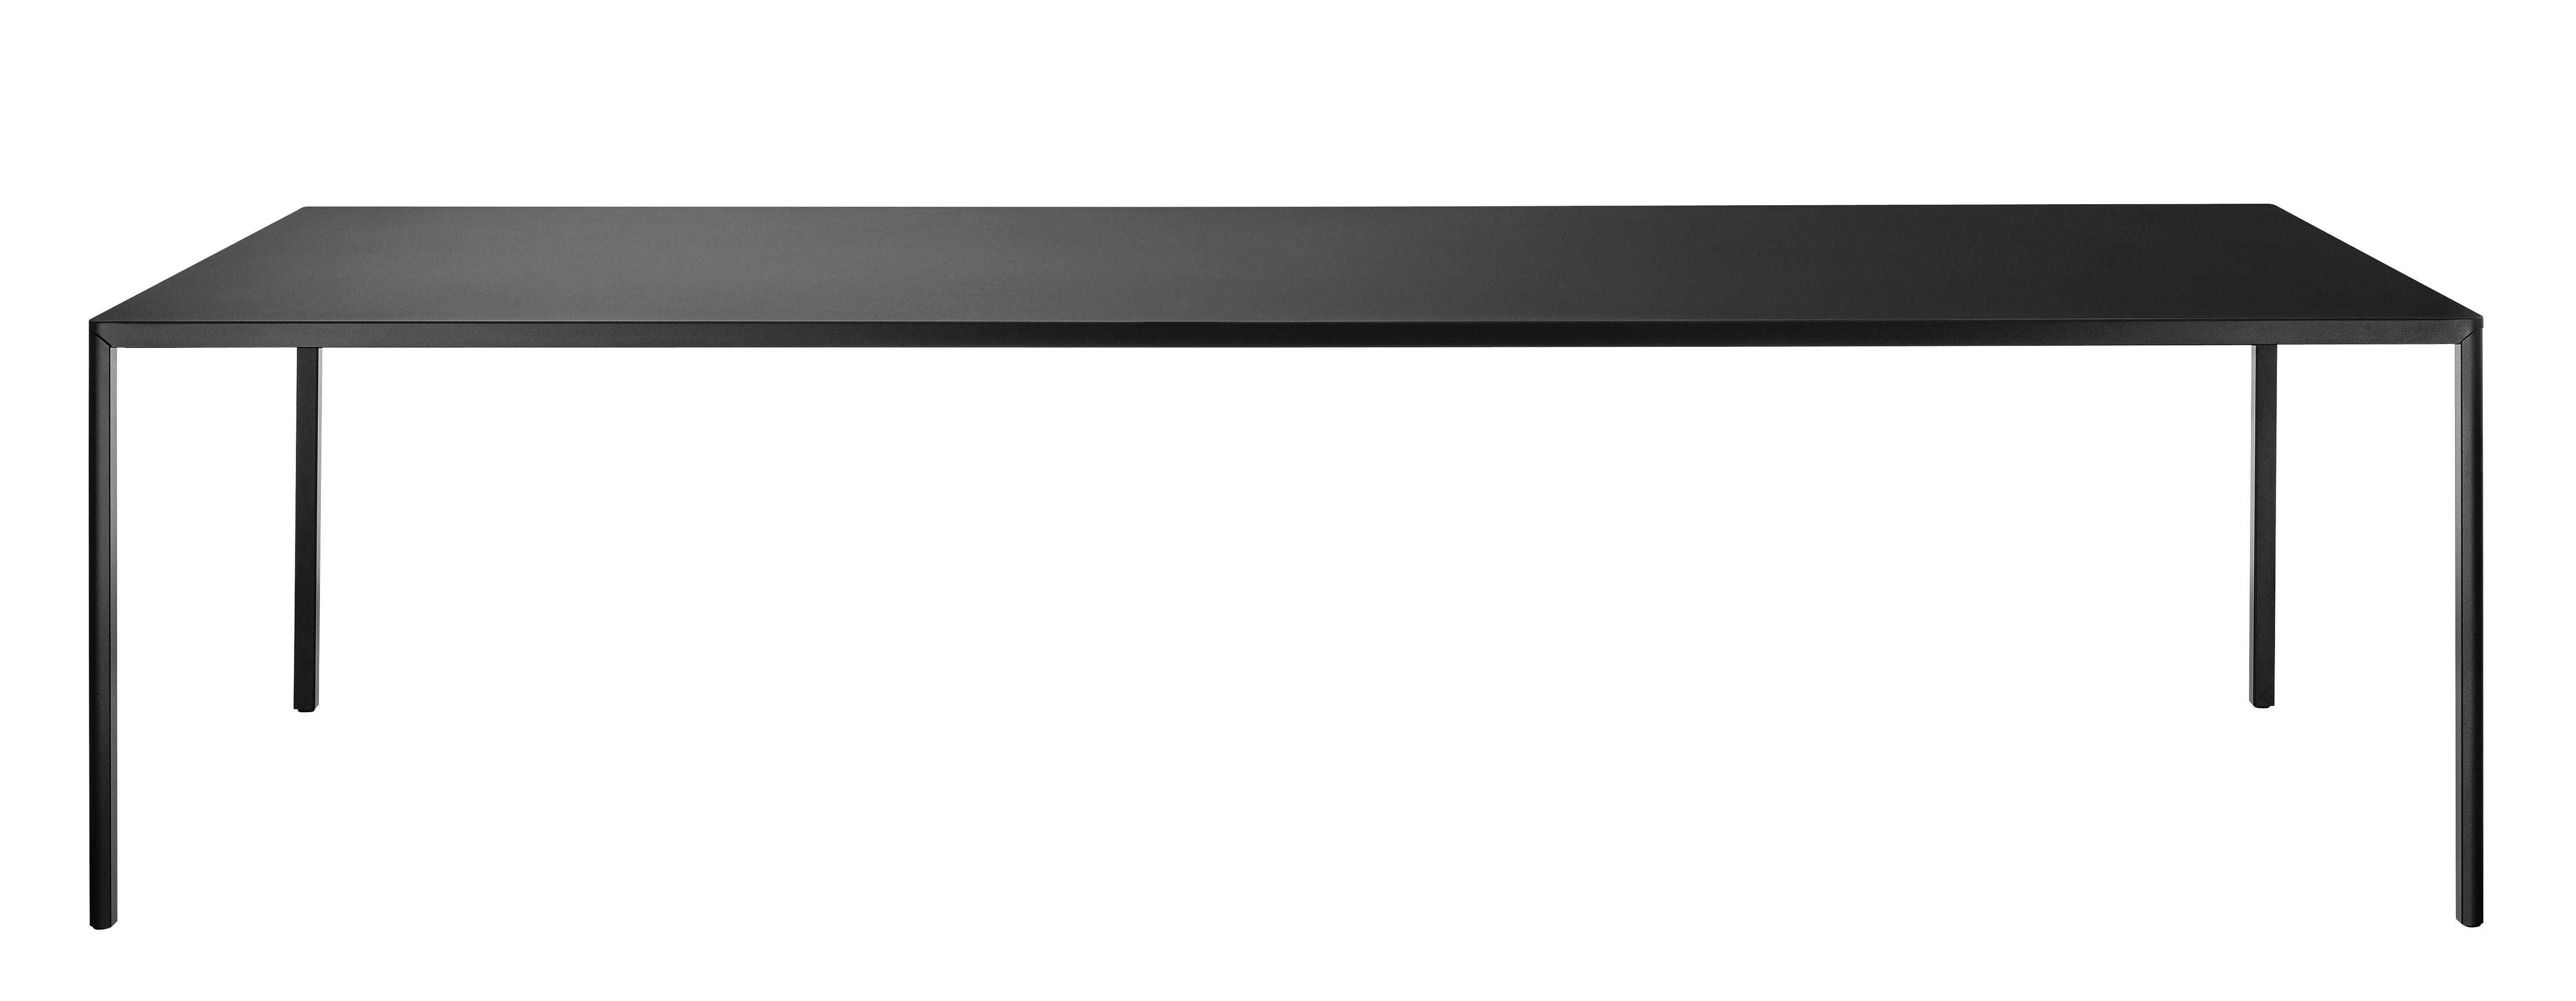 Outdoor - Tische - Passe-partout Outdoor rechteckiger Tisch / 240 x 110 cm - Magis - Schwarz - gefirnister Stahl, klarlackbeschichtetes Aluminium